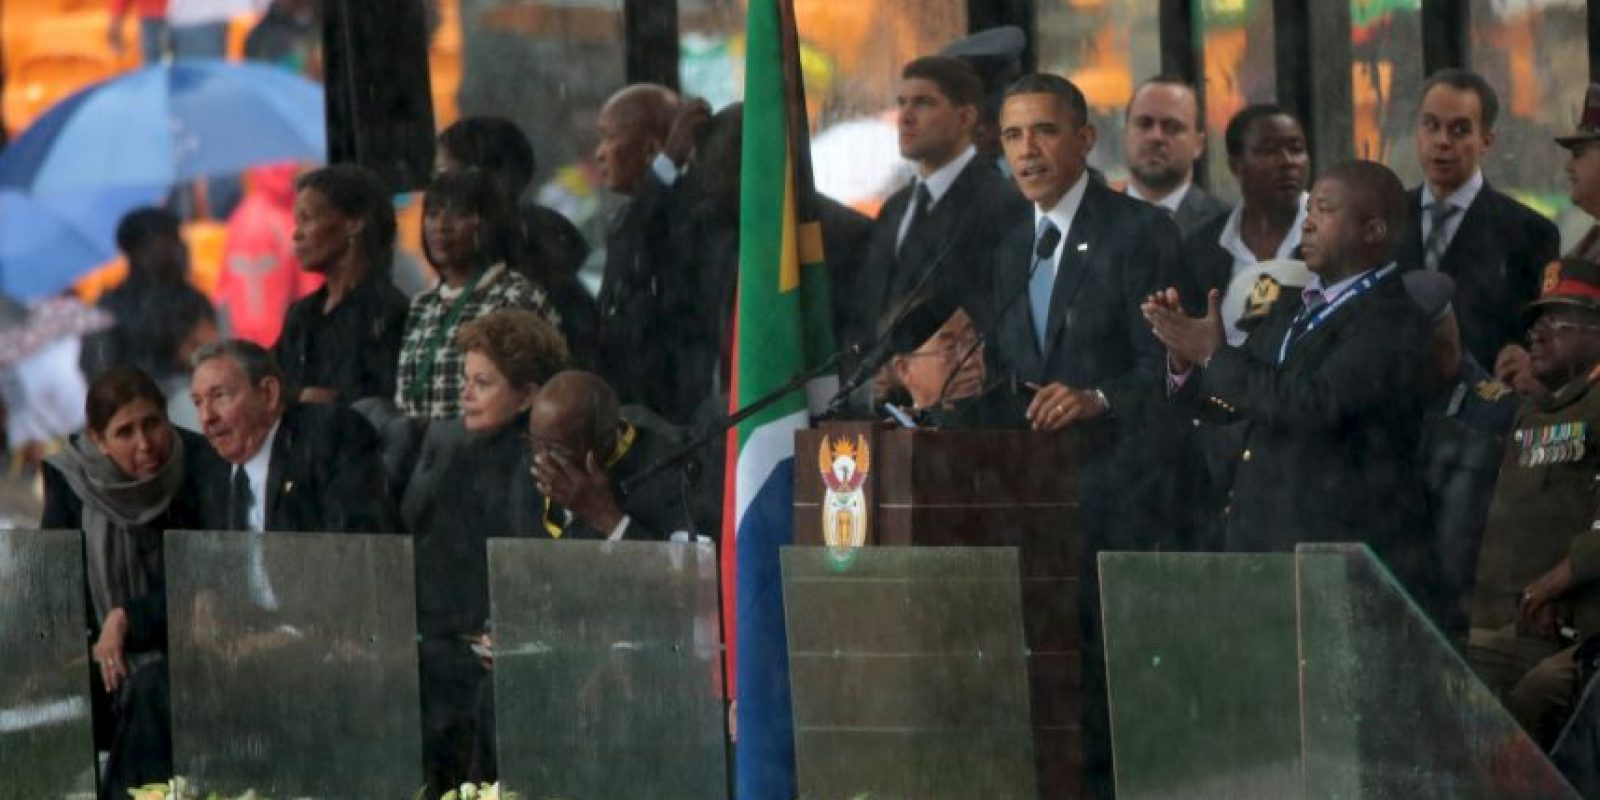 Fue la primera ocasión en que los mandatarios de ambos países estrecharon la mano Foto:Getty Images